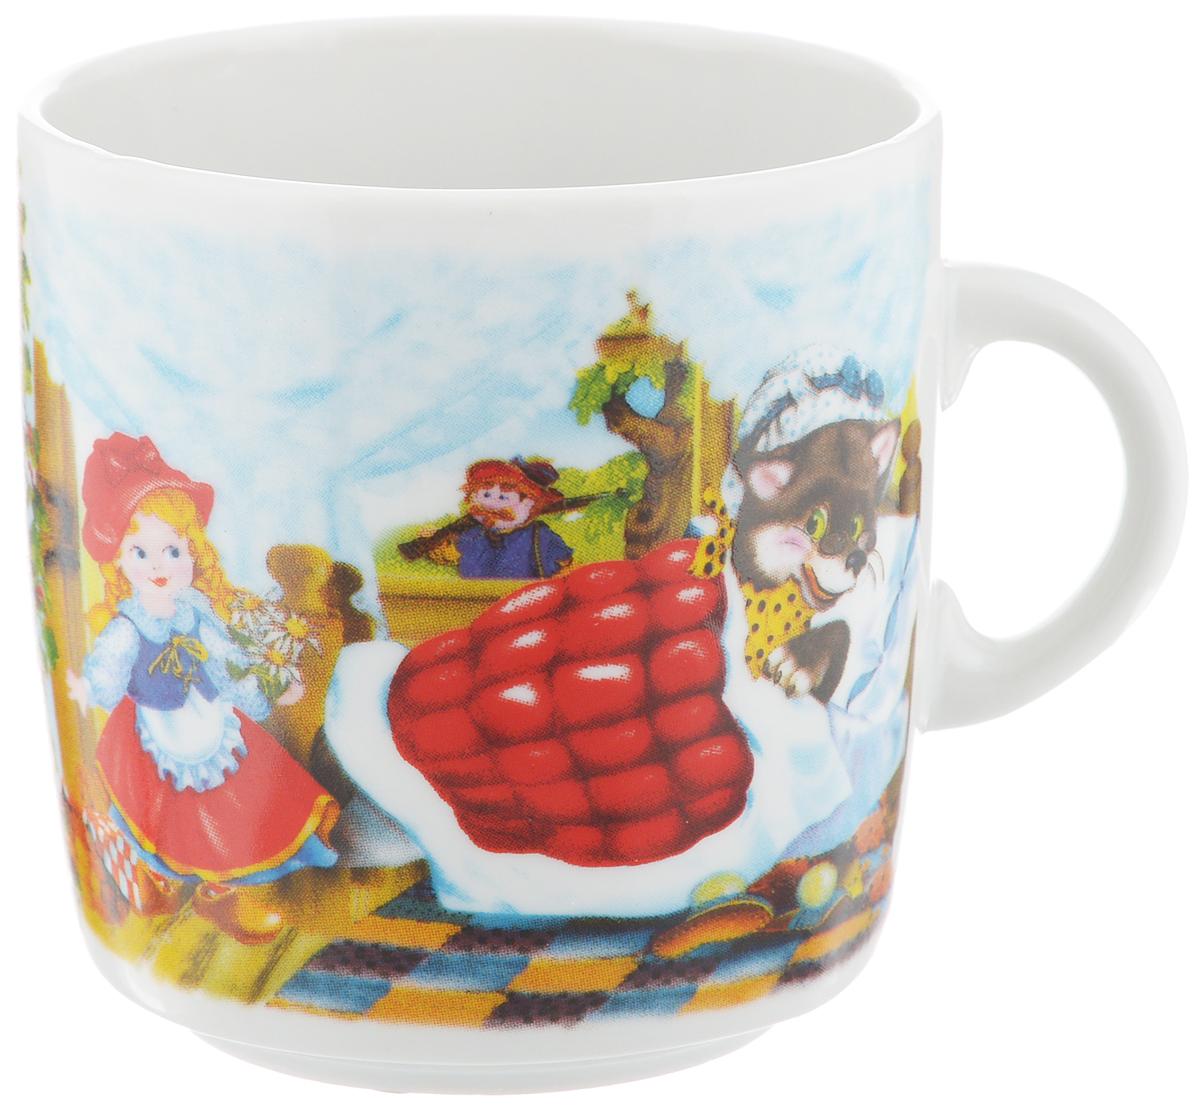 Кружка Фарфор Вербилок Красная шапочка, 210 мл8713340Кружка Фарфор Вербилок Красная шапочка способна скрасить любое чаепитие. Изделие выполнено из высококачественного фарфора. Посуда из такого материала позволяет сохранить истинный вкус напитка, а также помогает ему дольше оставаться теплым. Диаметр по верхнему краю: 7 см. Высота кружки: 7,5 см.